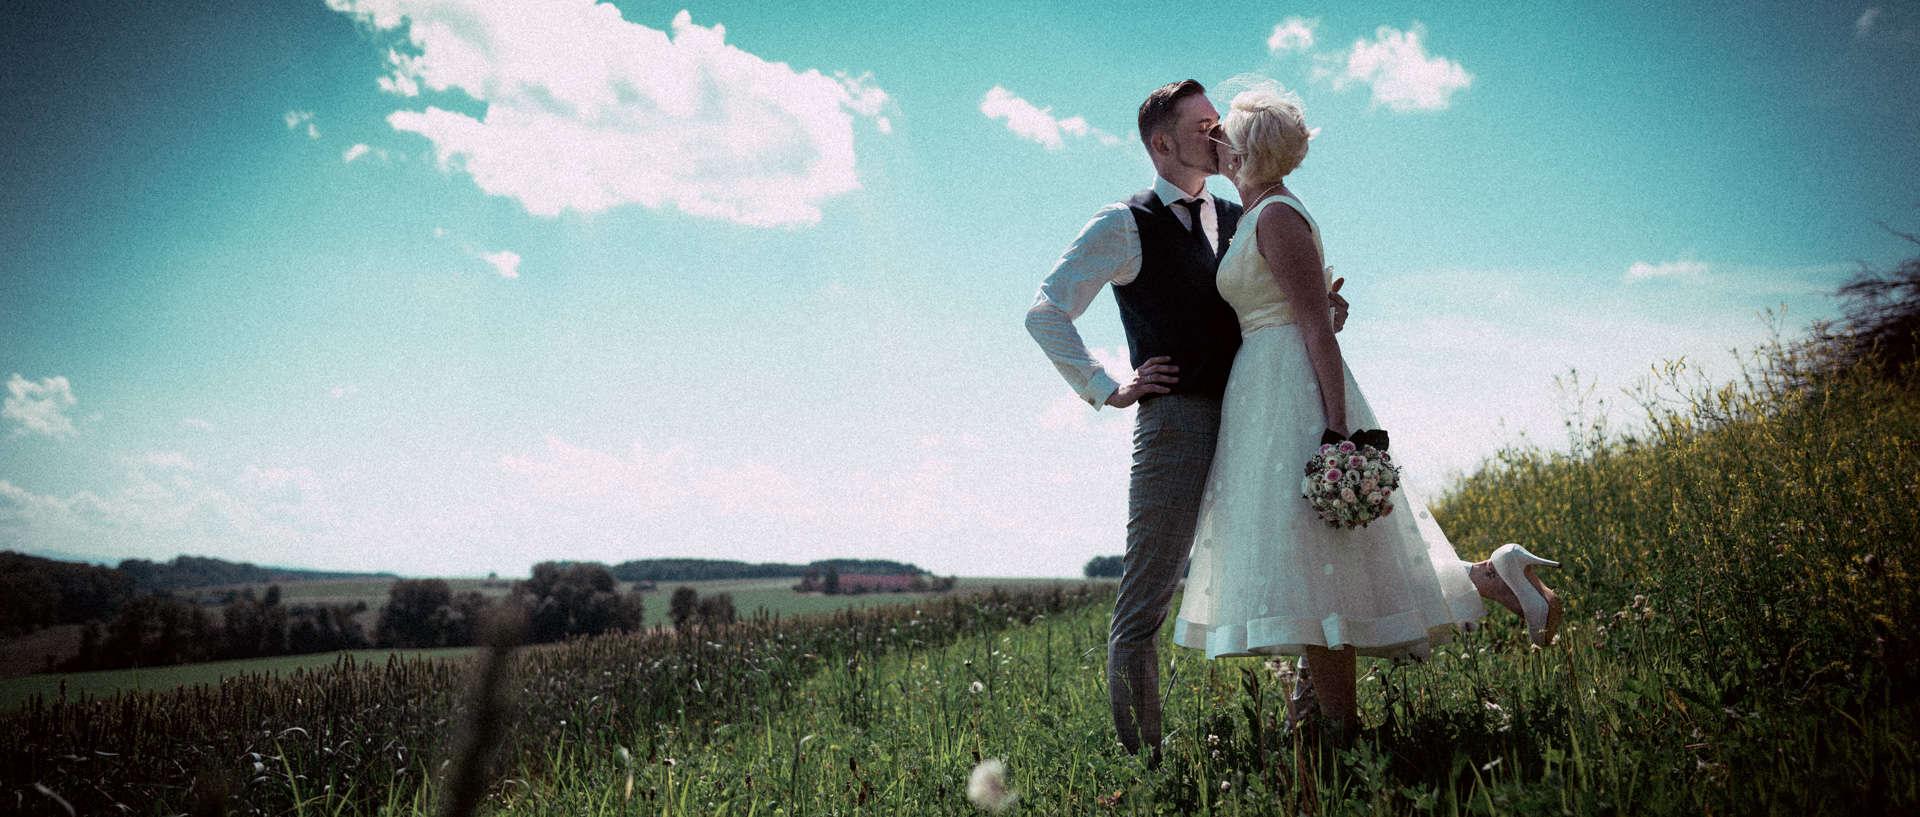 Hochzeitspaar küsst sich auf einer Wiese vor blauem Himmel